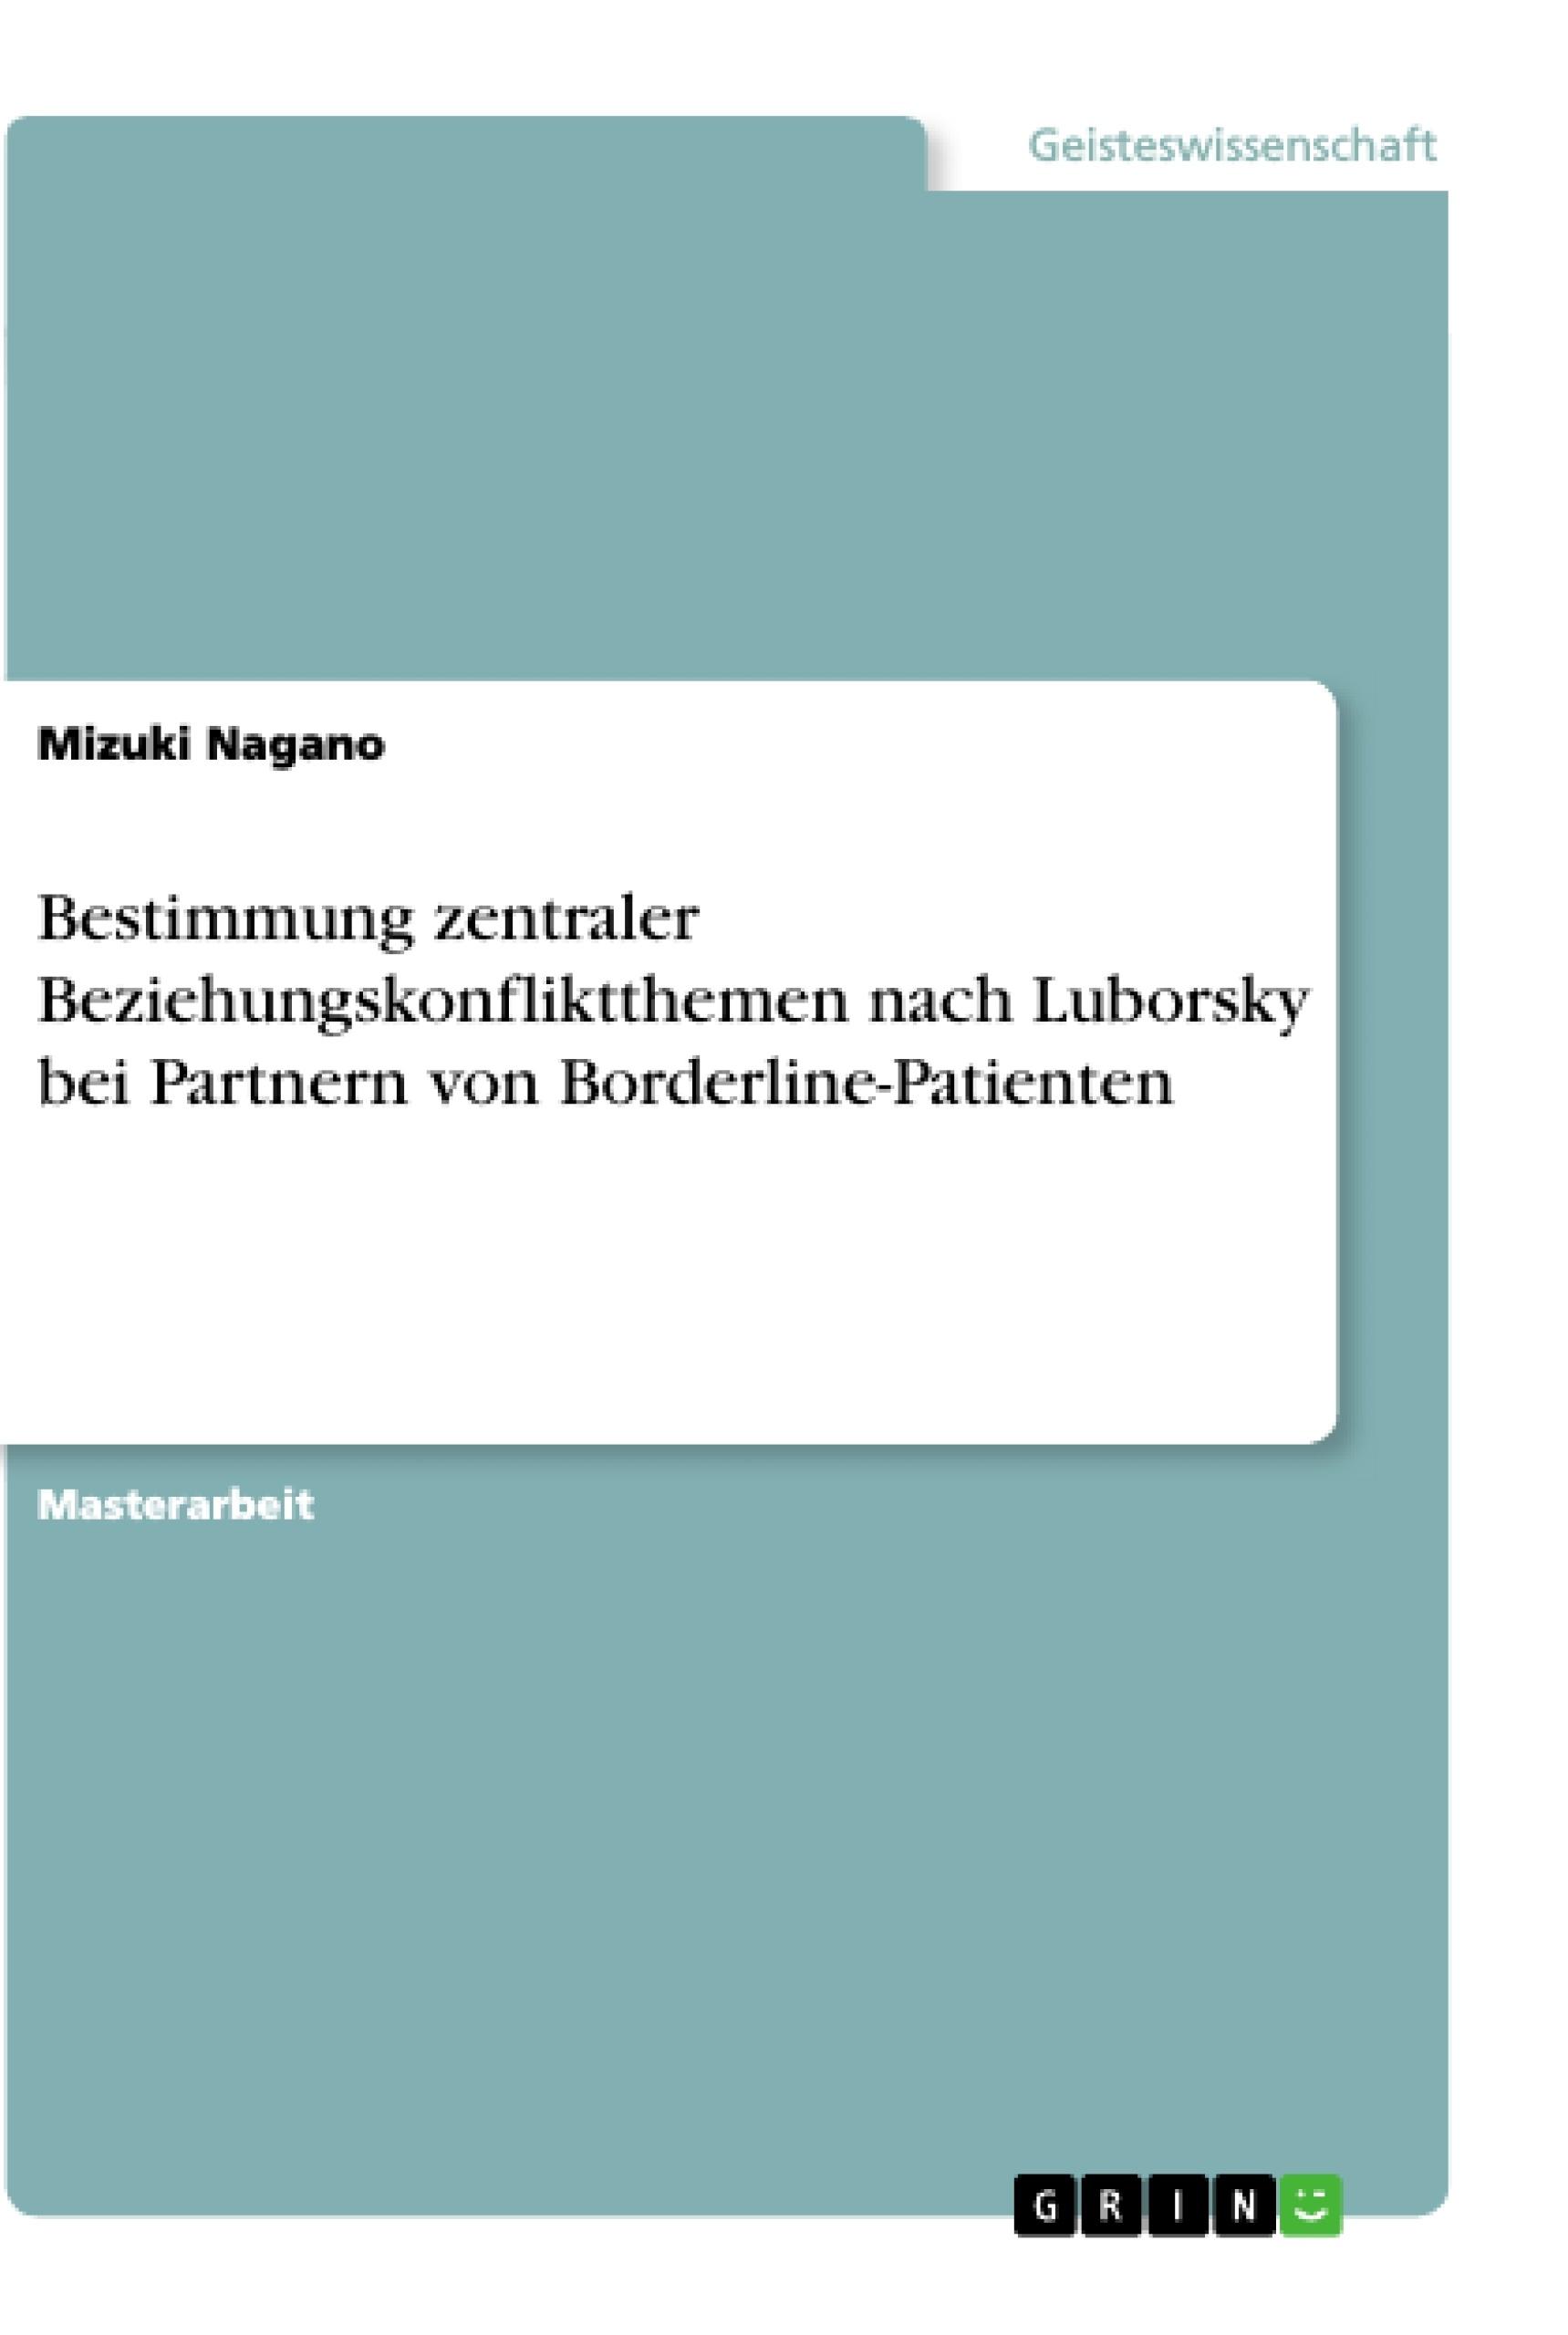 Titel: Bestimmung zentraler Beziehungskonfliktthemen nach Luborsky bei Partnern von Borderline-Patienten